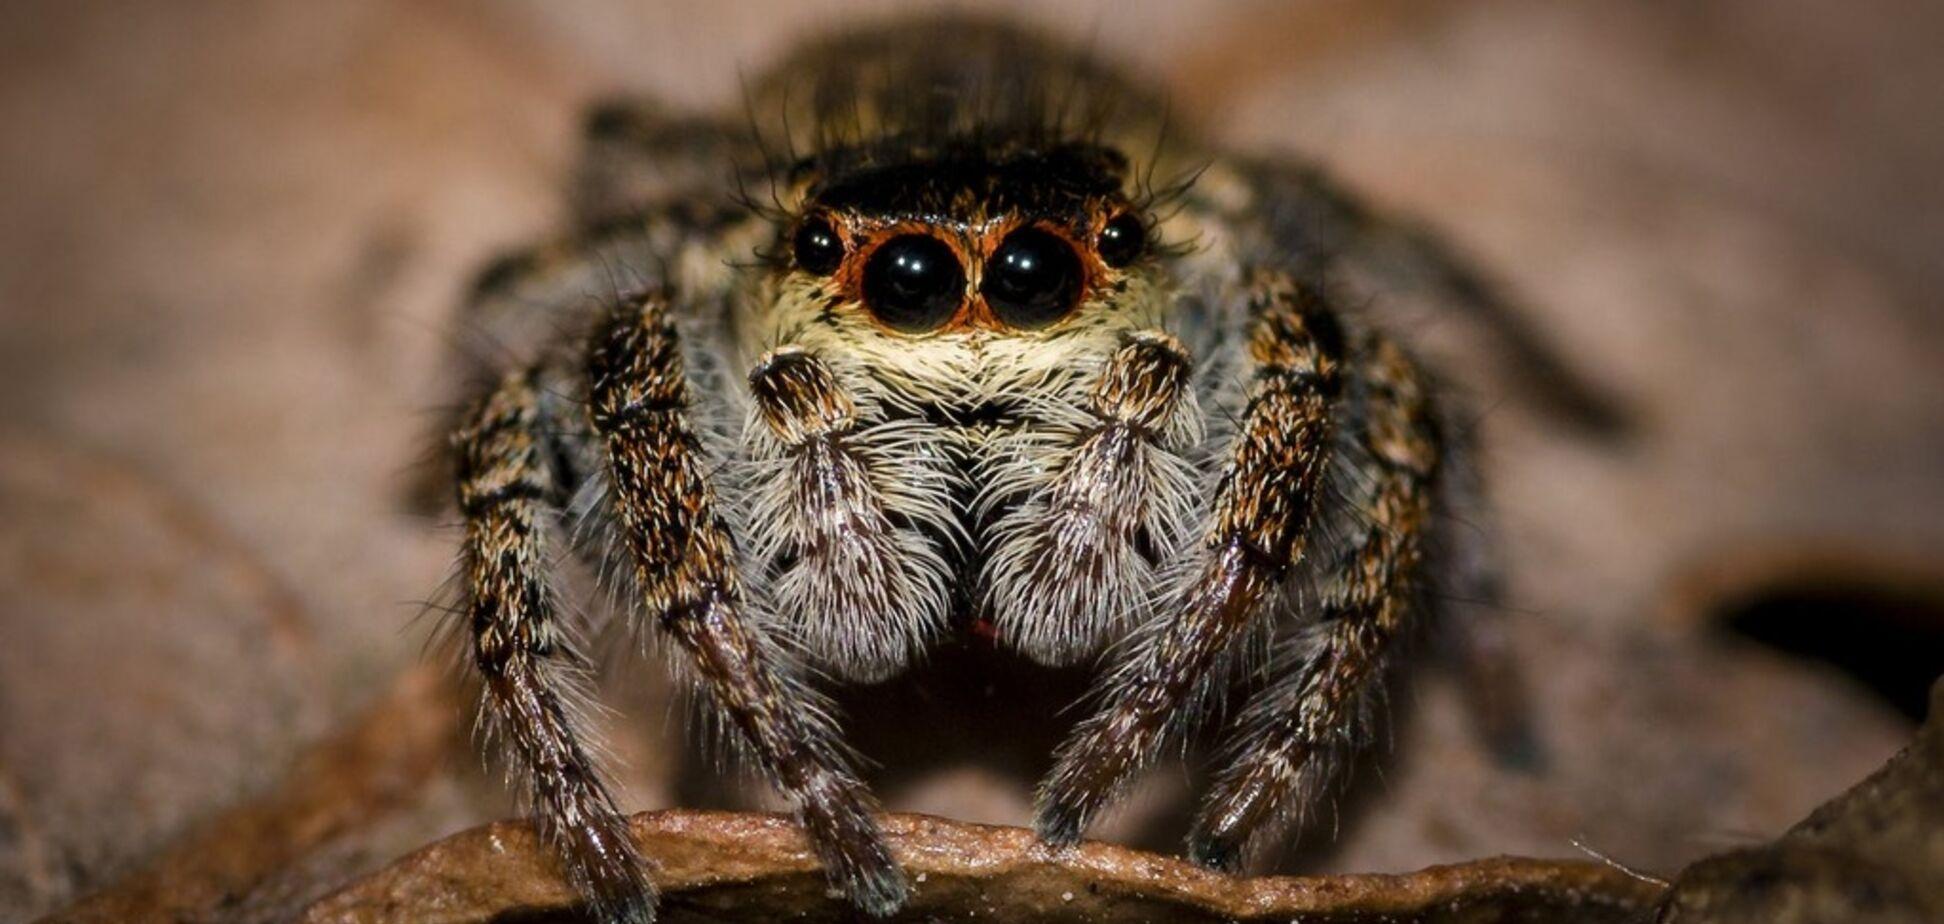 У Запоріжжі помітили небезпечного отруйного павука: фото